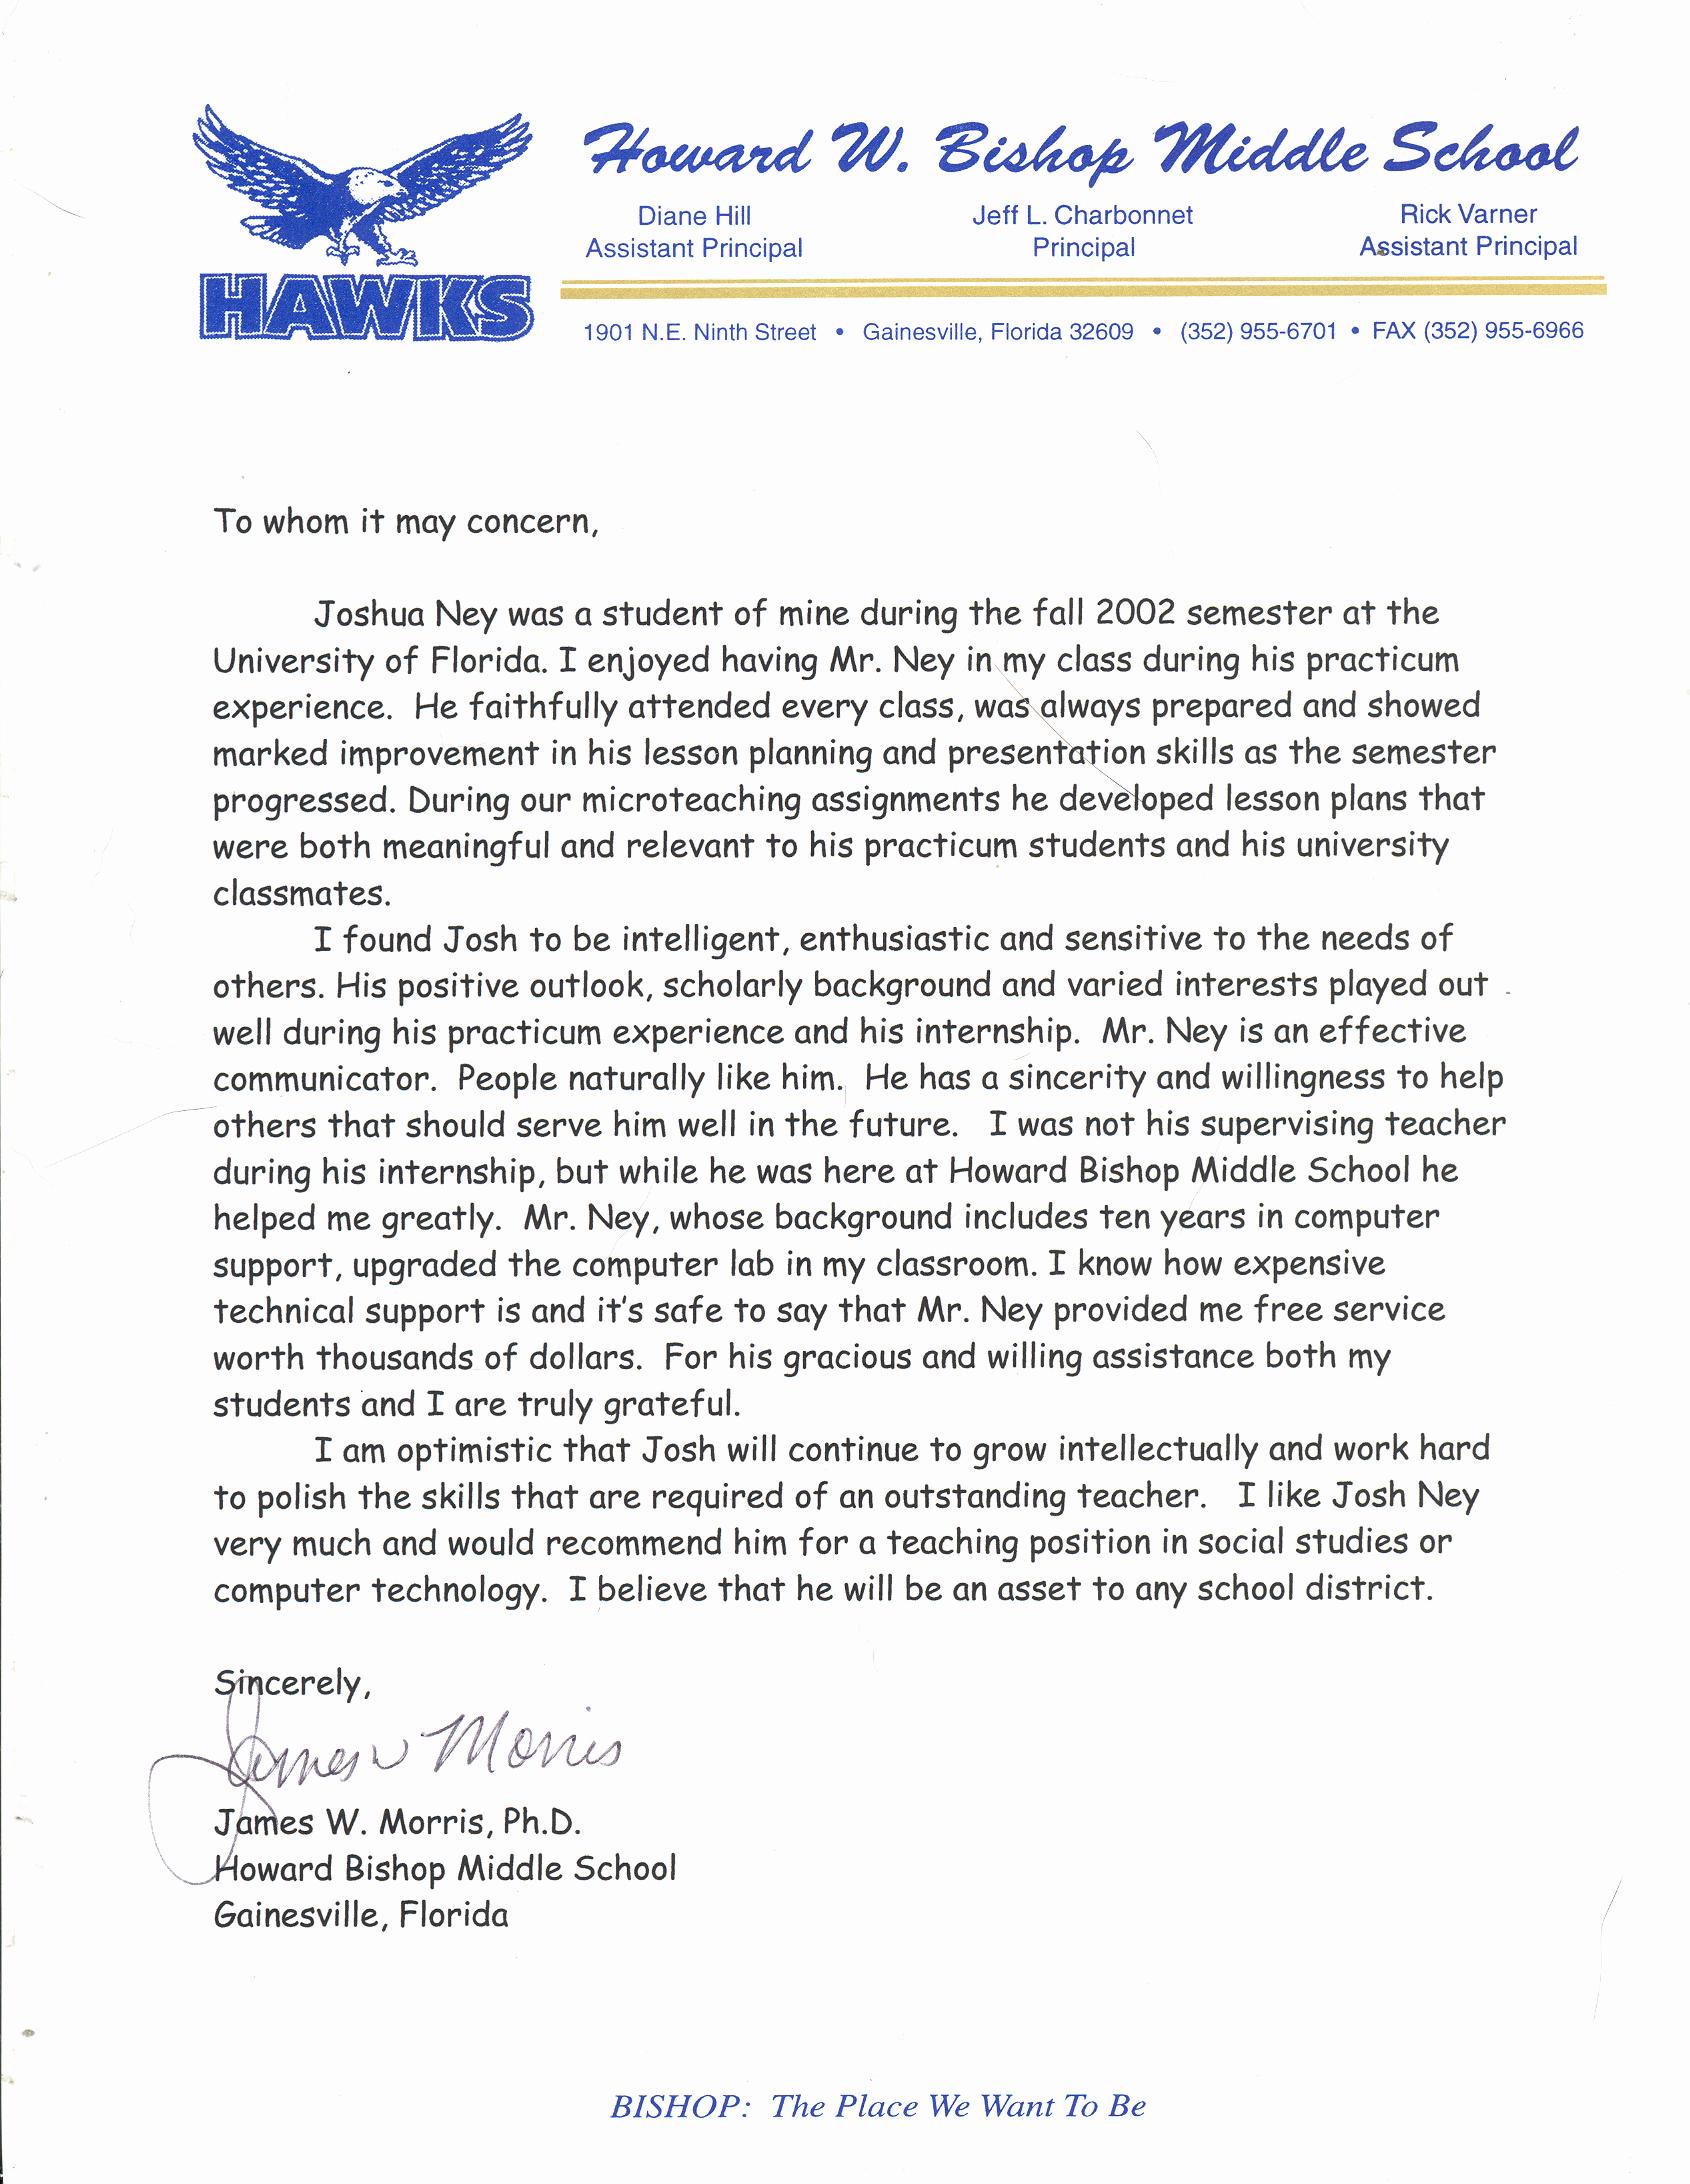 Letter Of Recommendation Teacher Fresh Sample Letter Of Re Mendation for Teacher